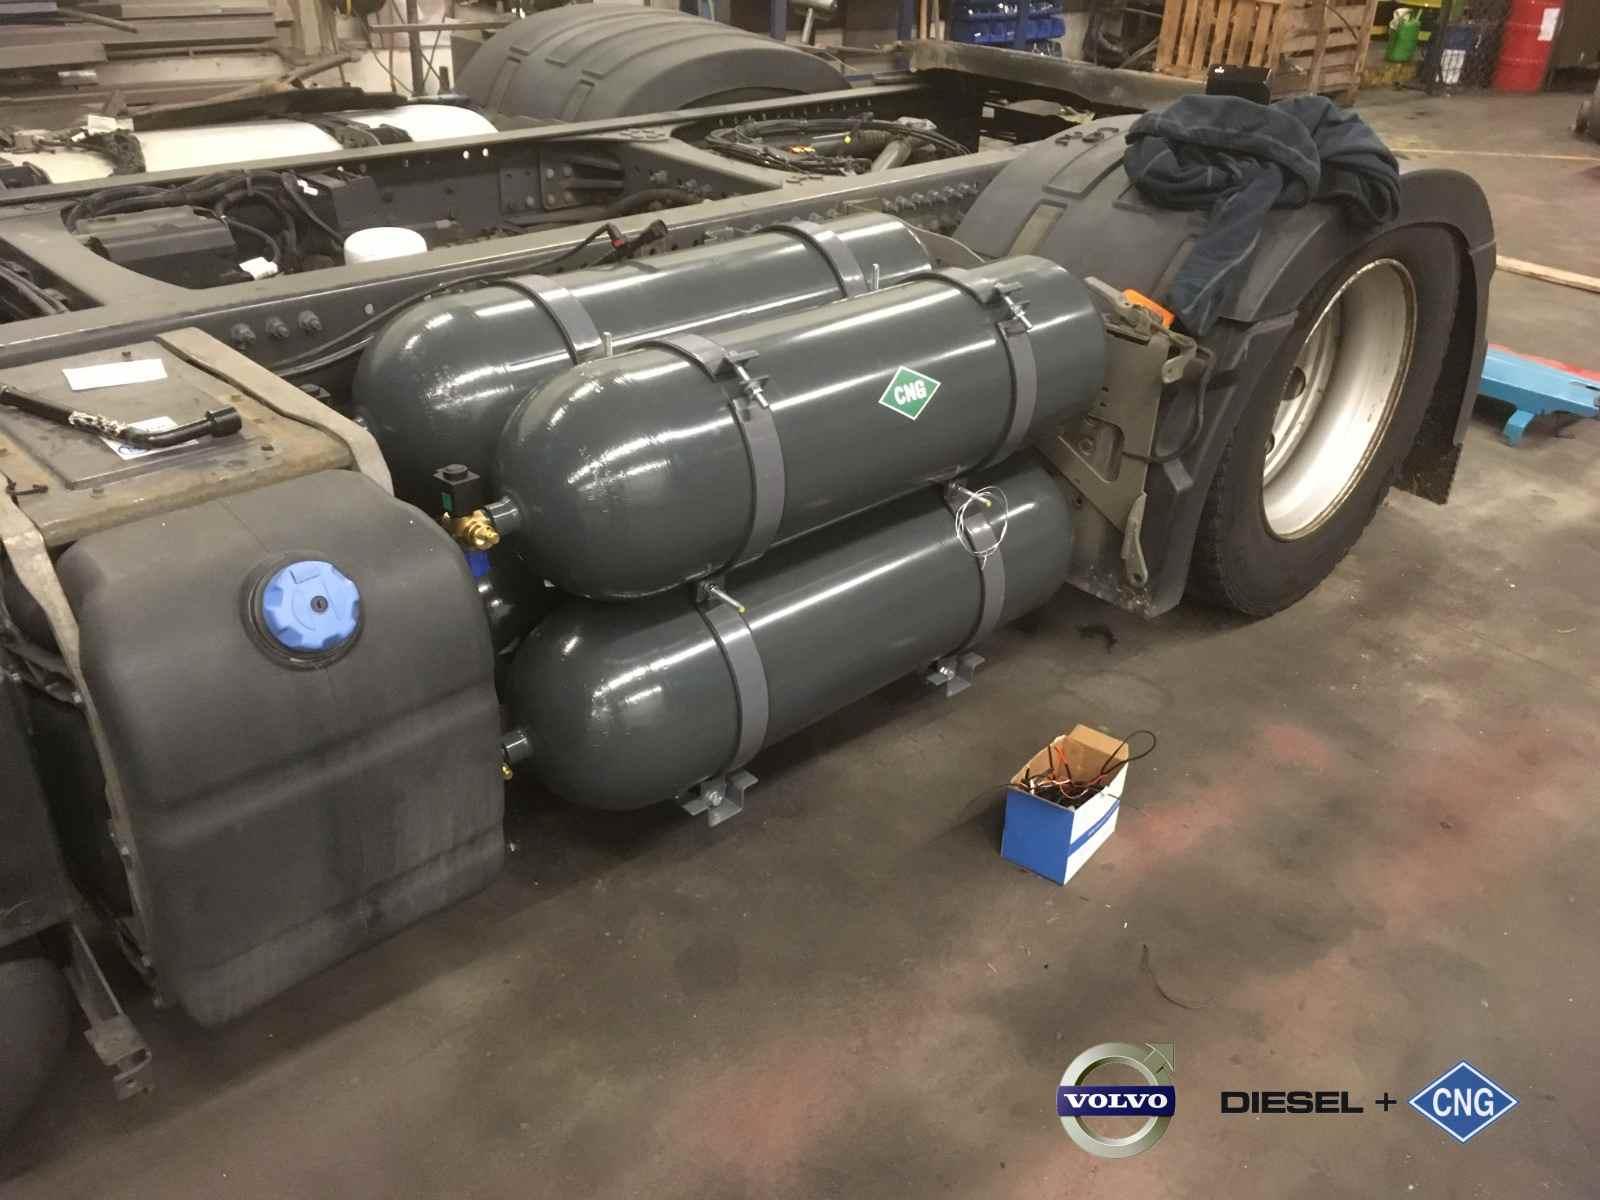 Volvo FM 460 Diesel CNG-montaz-nadrzi-cng